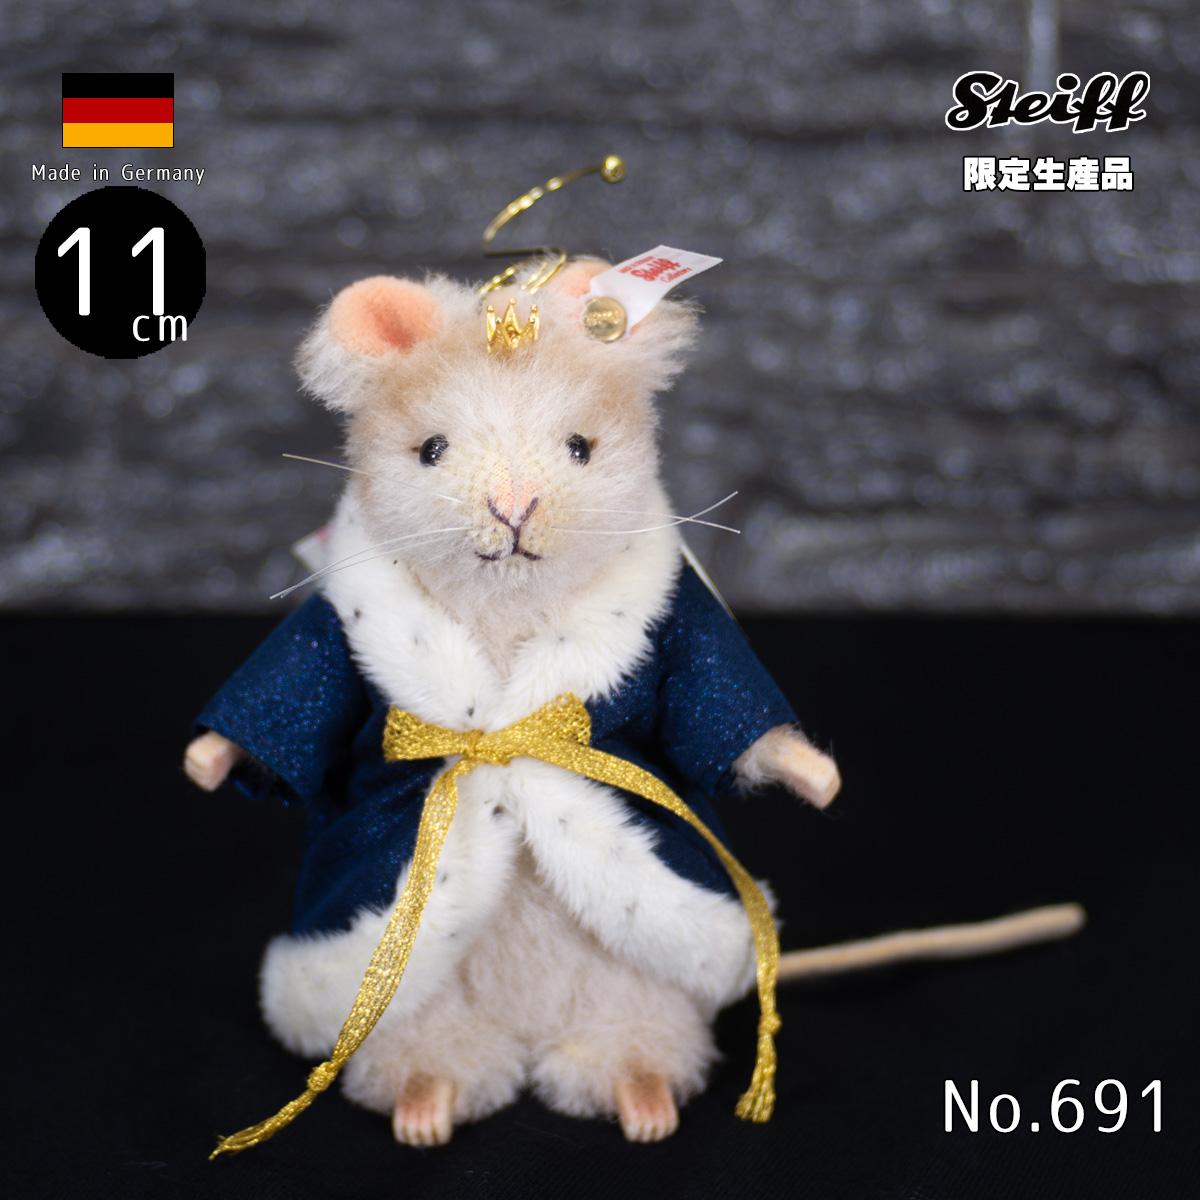 シュタイフ(steiff) 世界限定マウスキング オーナメント(くるみ割り人形より) 11cm ean006883 Mouse king ornament